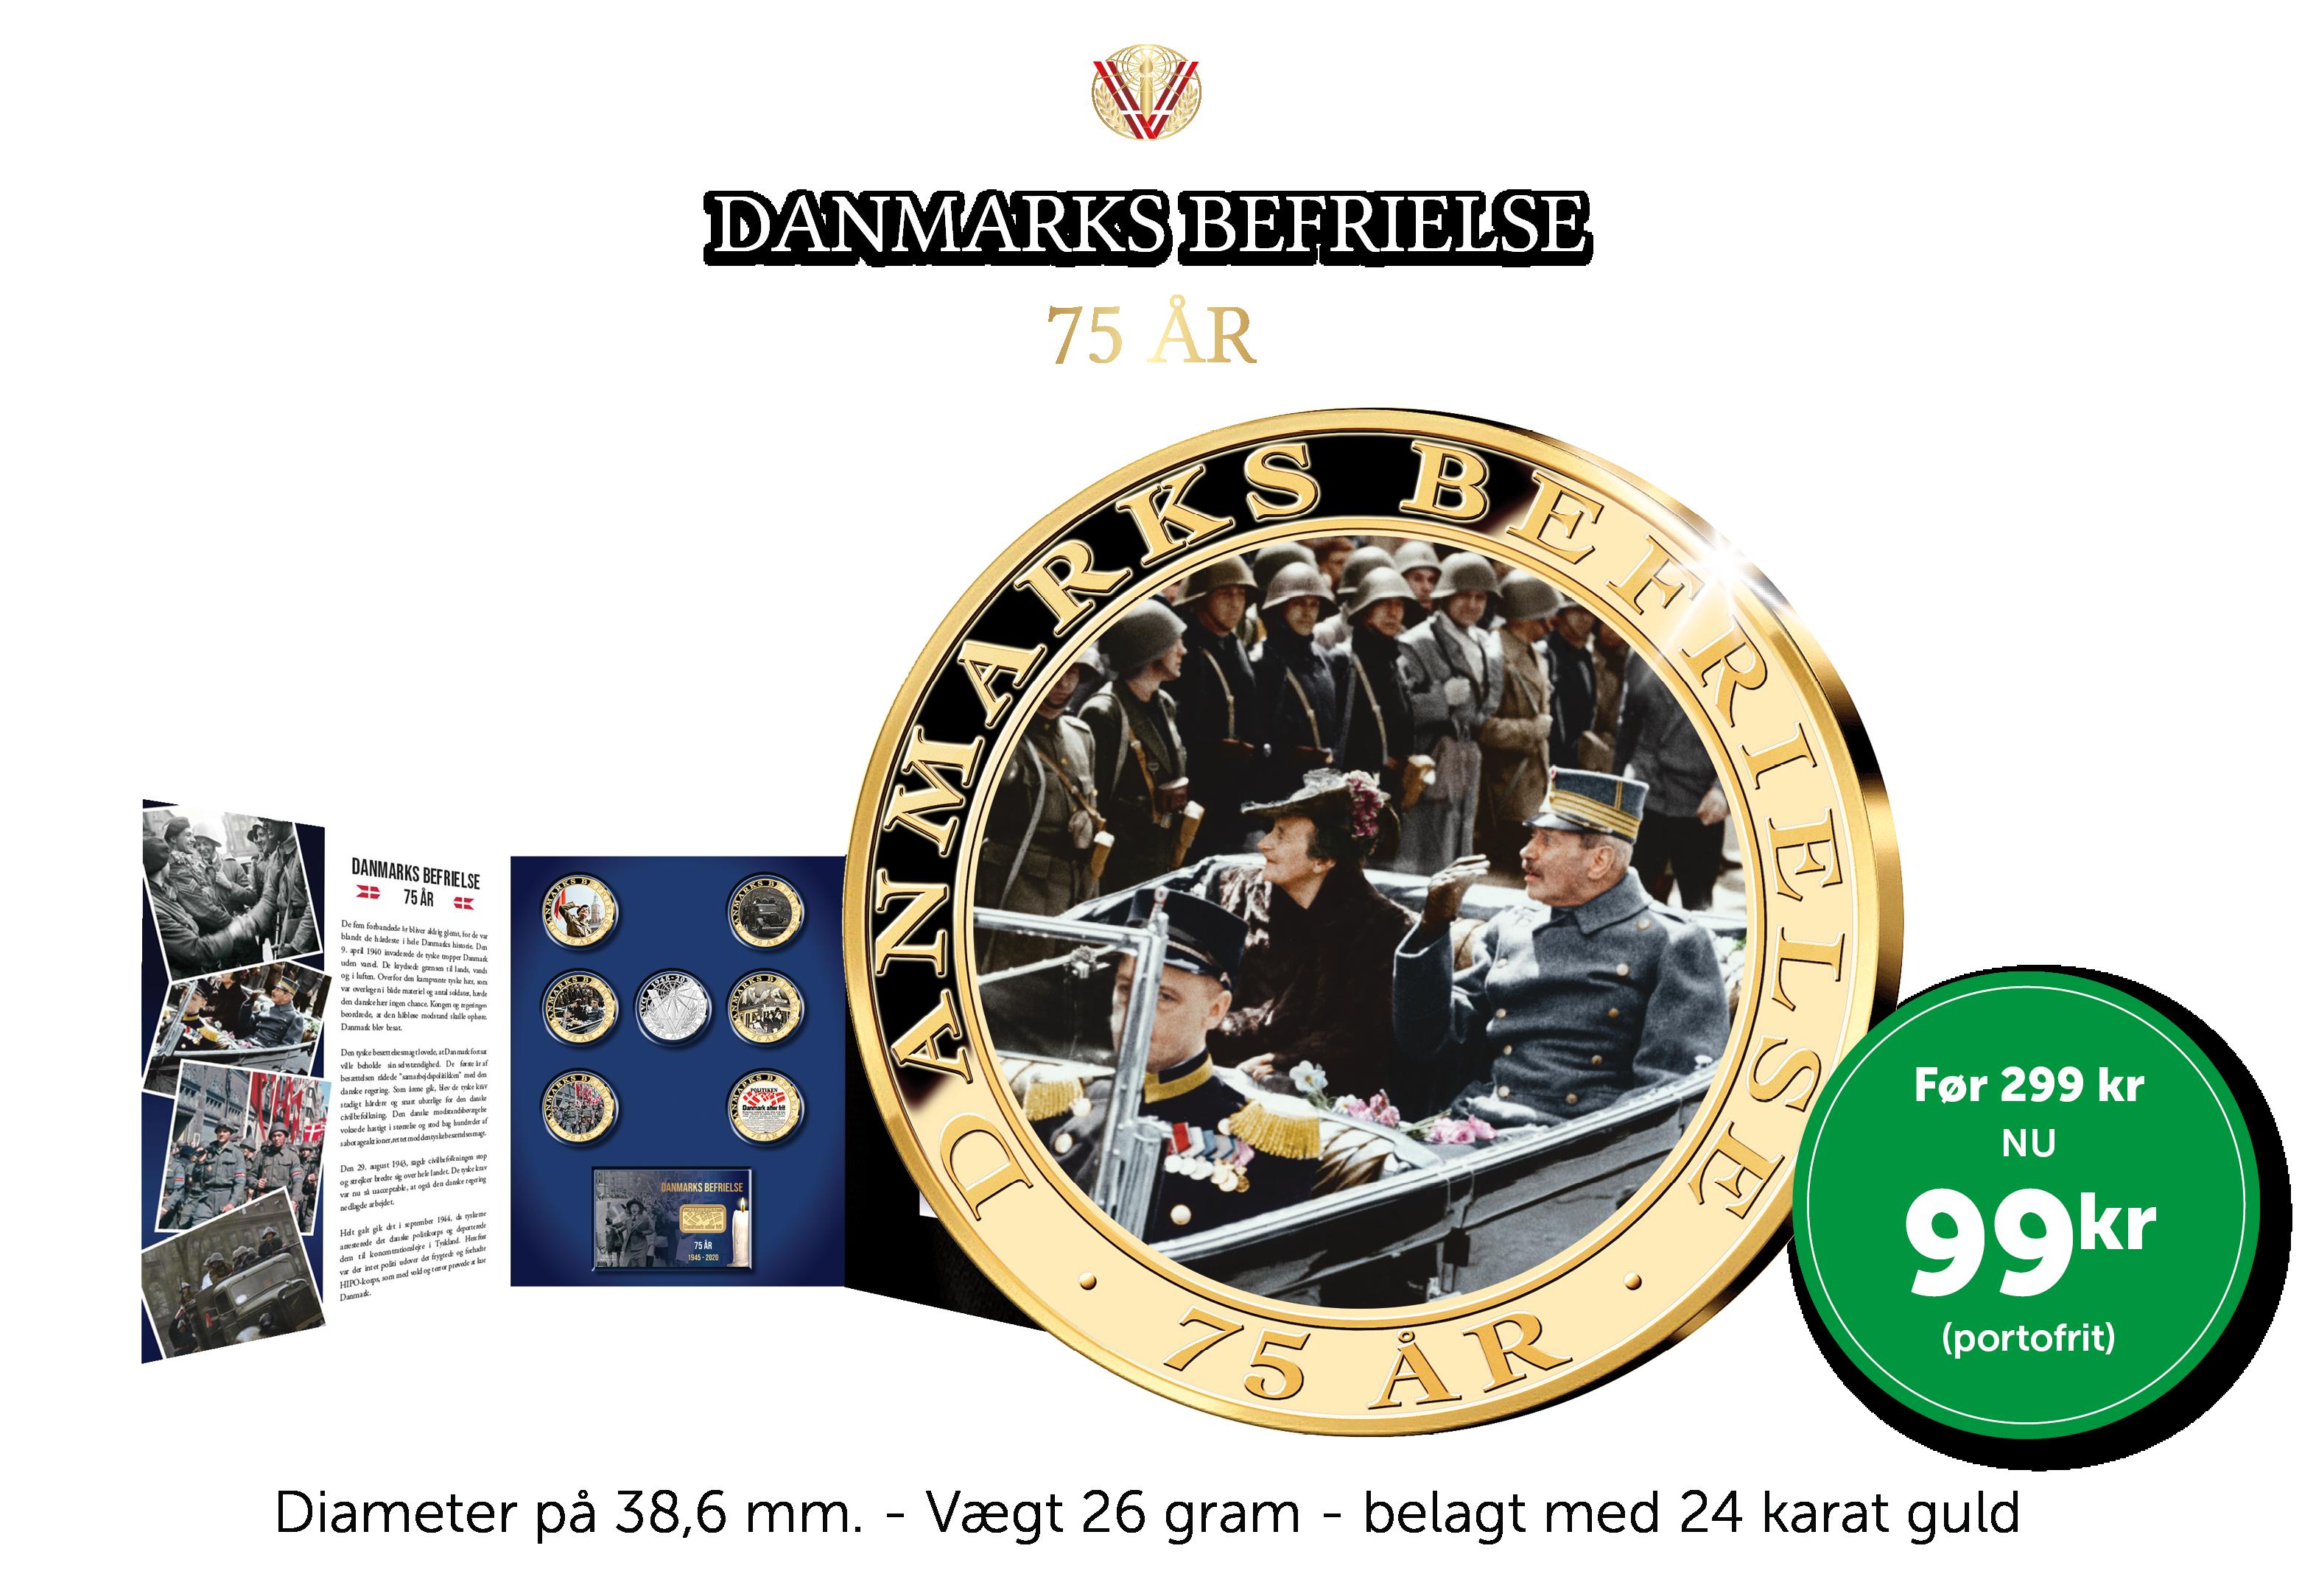 Danmarks Befrielse 75 år - Løbende samling. Opsig, når du vil